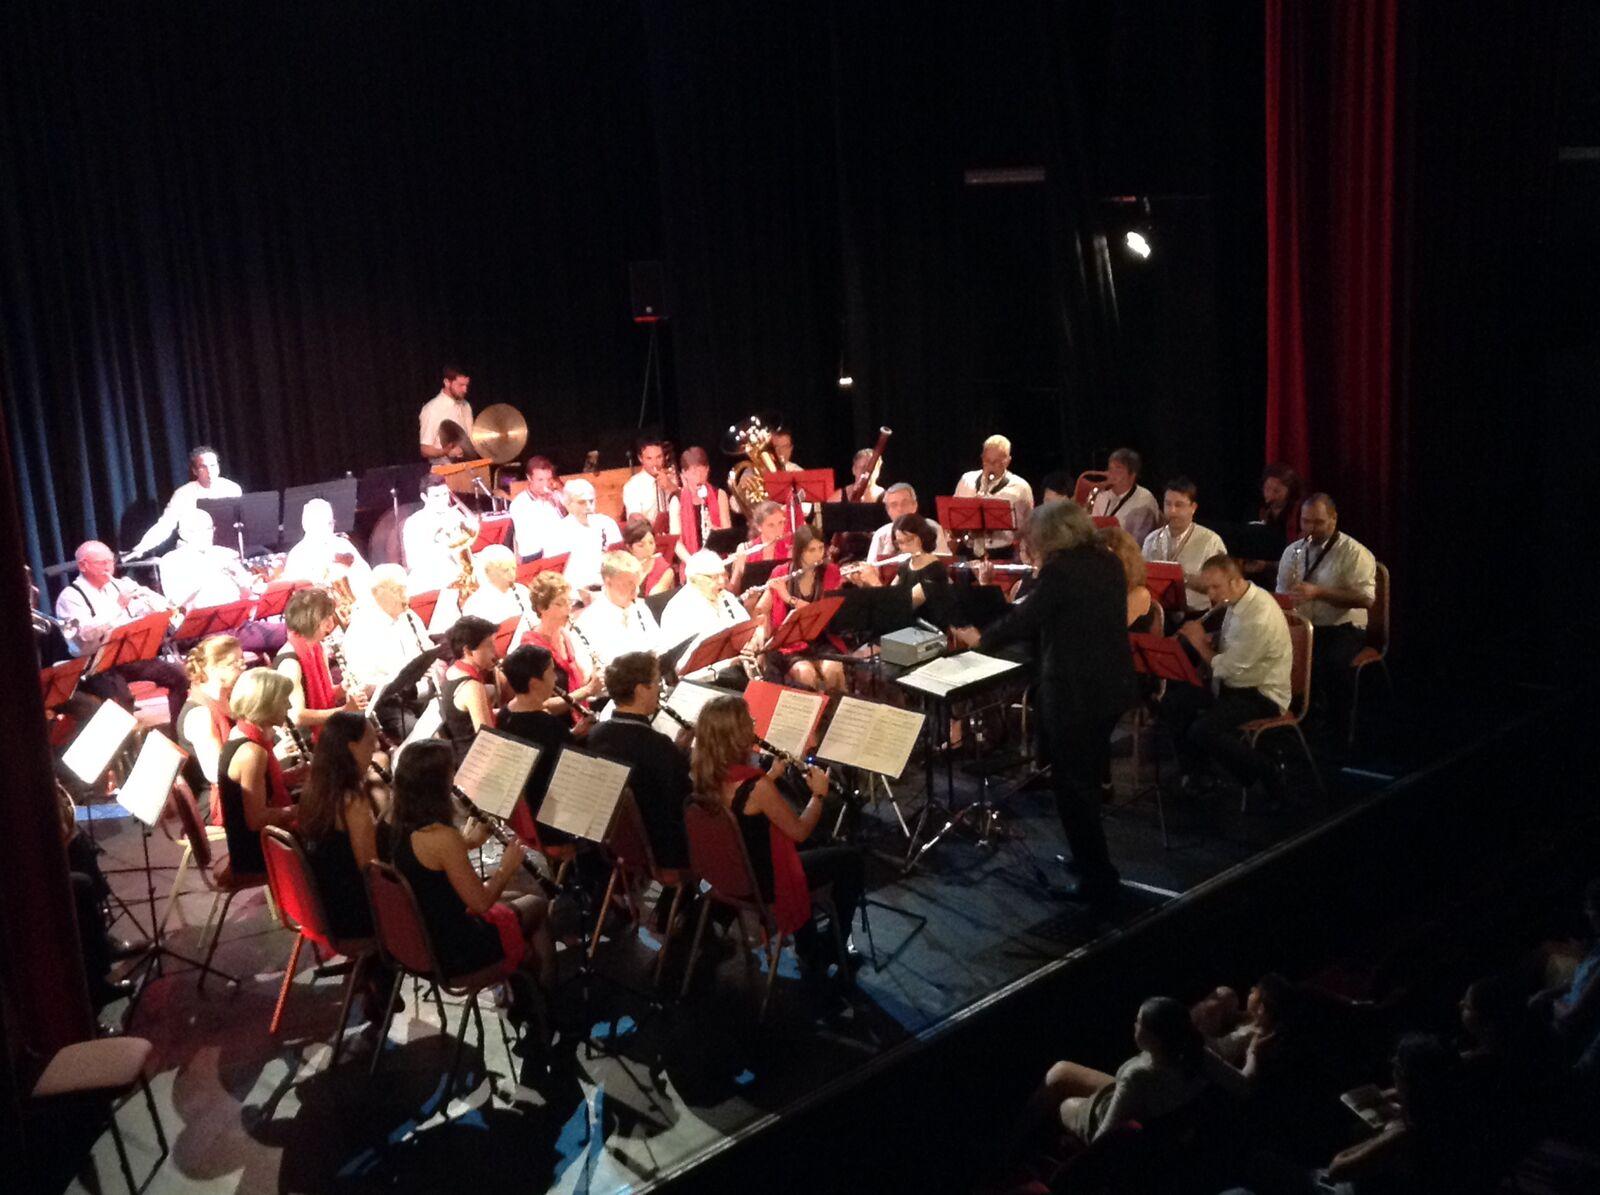 concert 6 juin 2015 casino de Royat-Chamalières